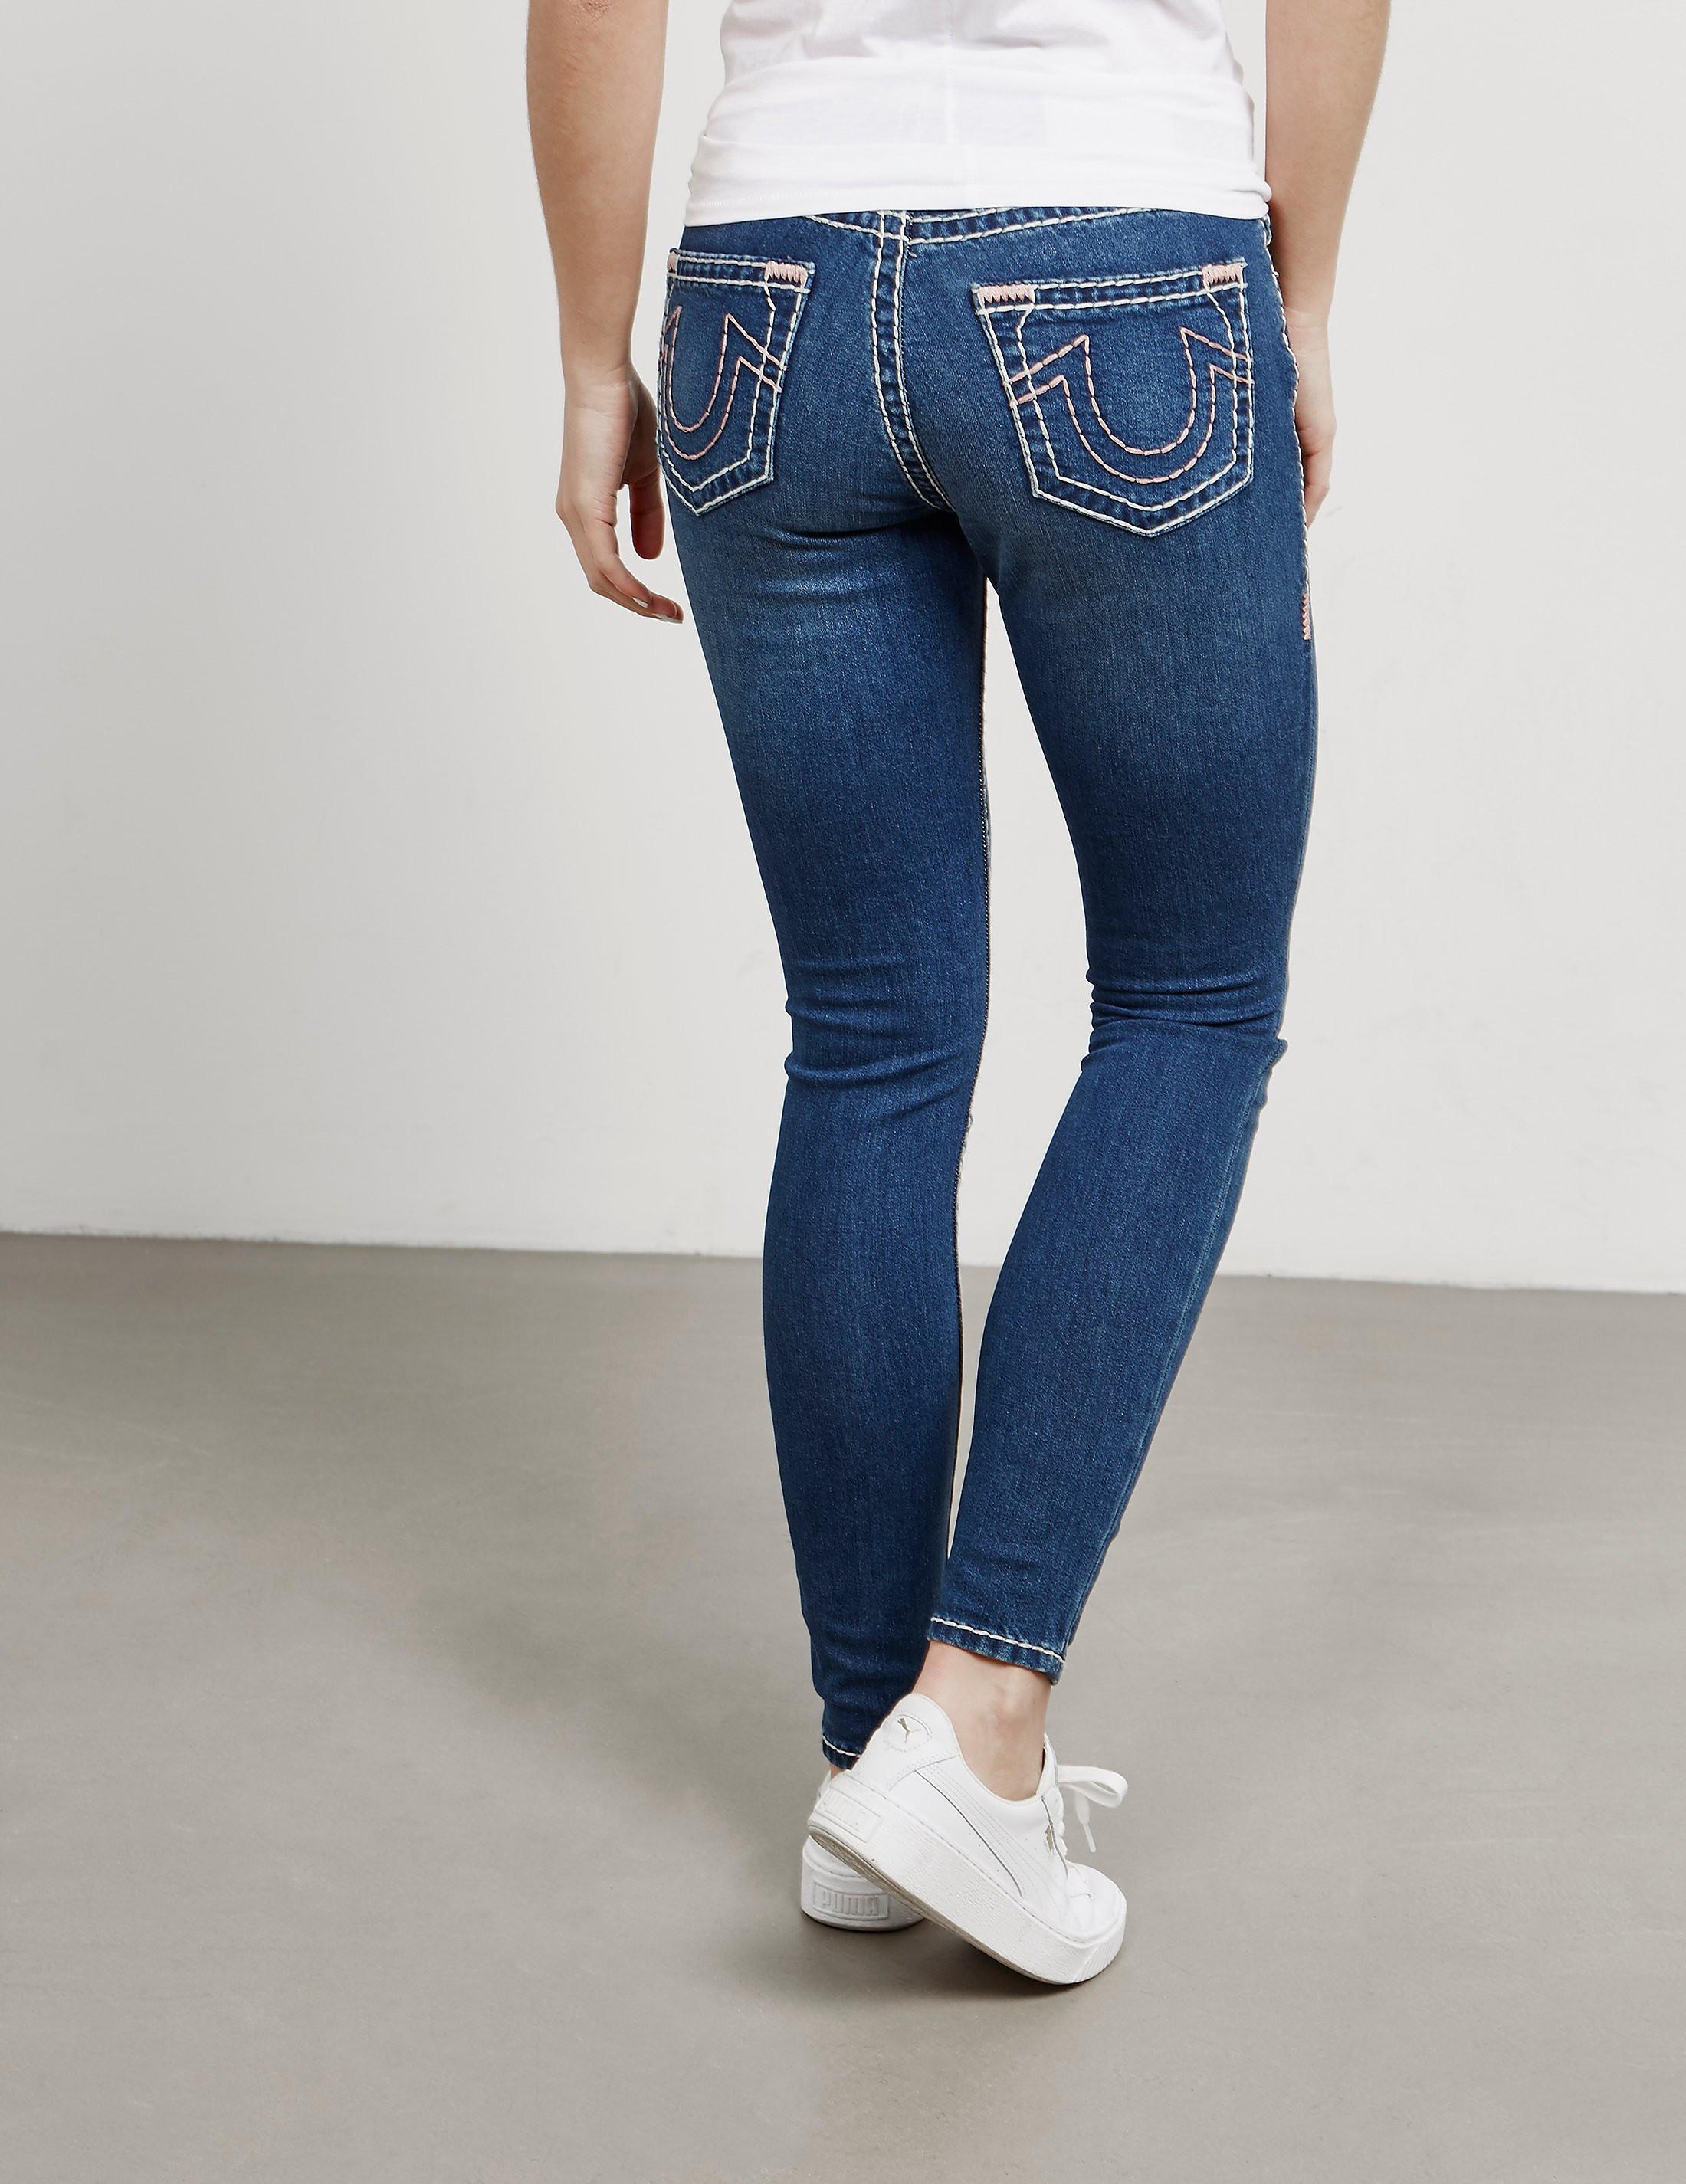 True Religion Jennie Super Skinny Jeans